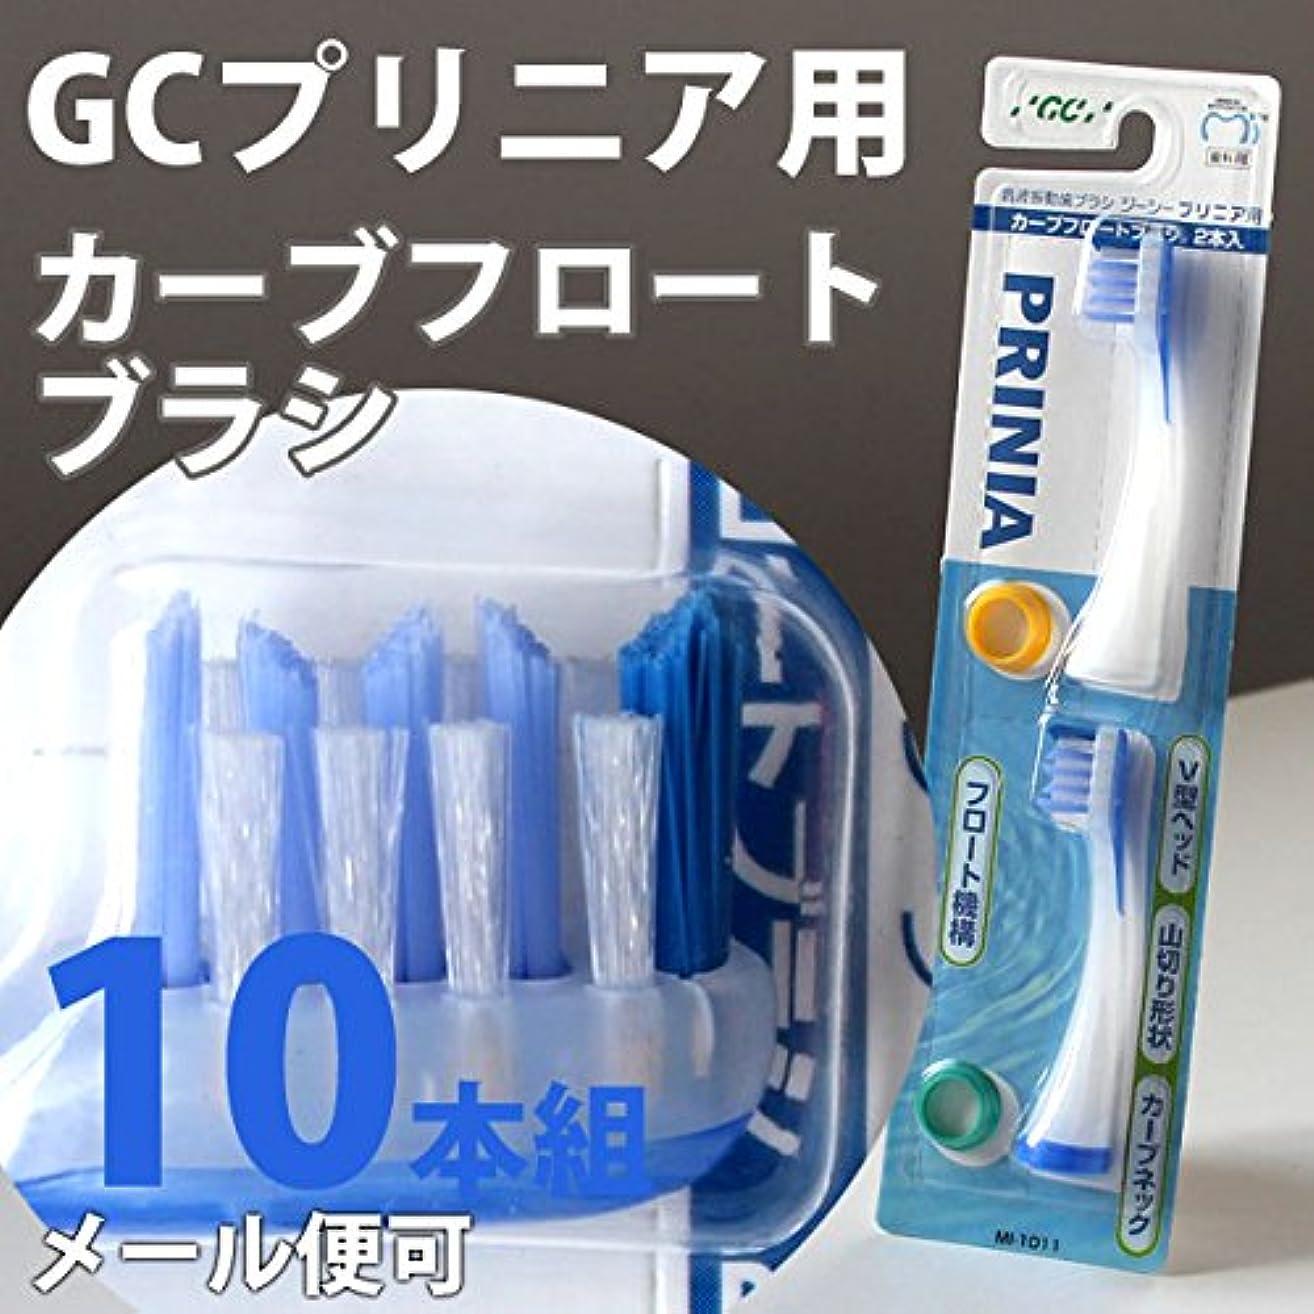 人類マニアックジーンズプリニア GC 音波振動 歯ブラシ プリニアスリム替えブラシ カーブフロートブラシ 5セット (10本) ブルー